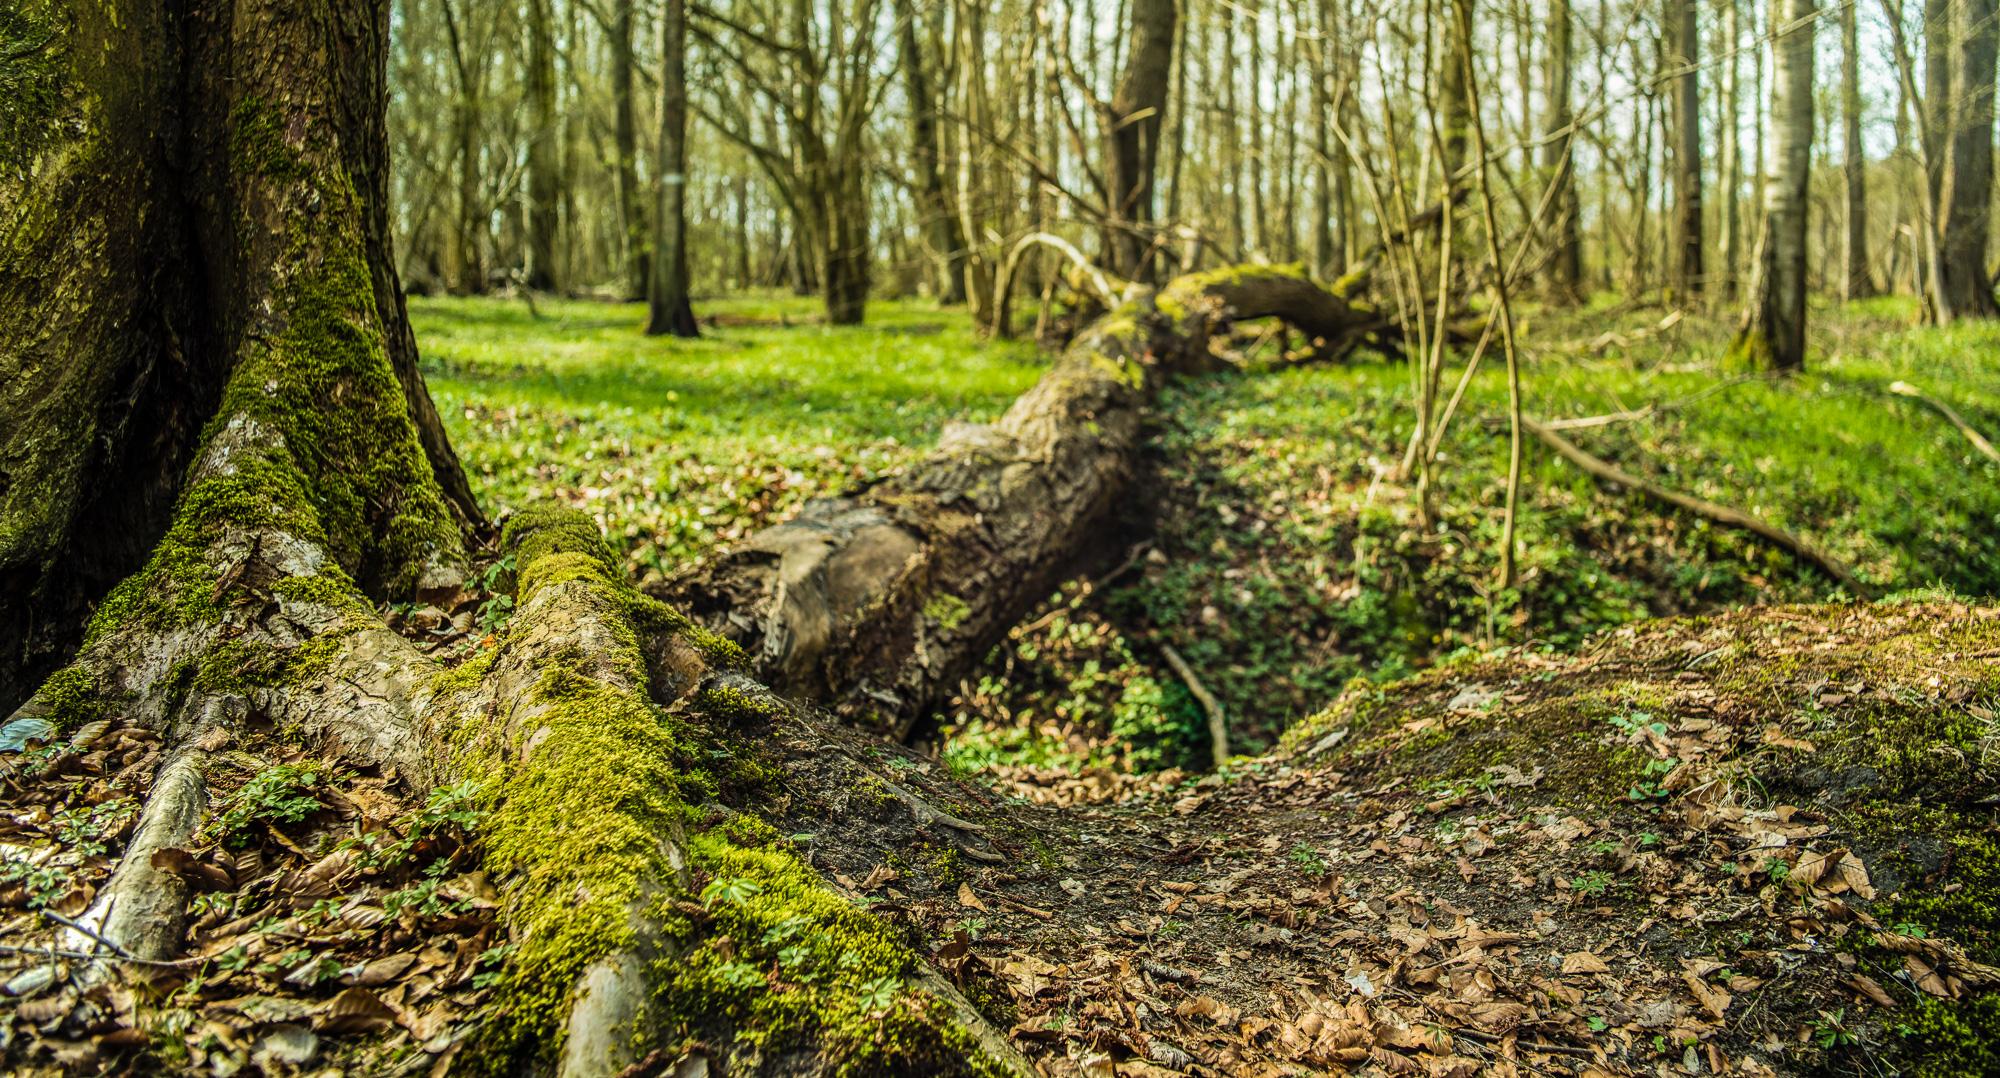 Panoramaformat eines umgefallenen Baums, Wurzeln im Vordergrund